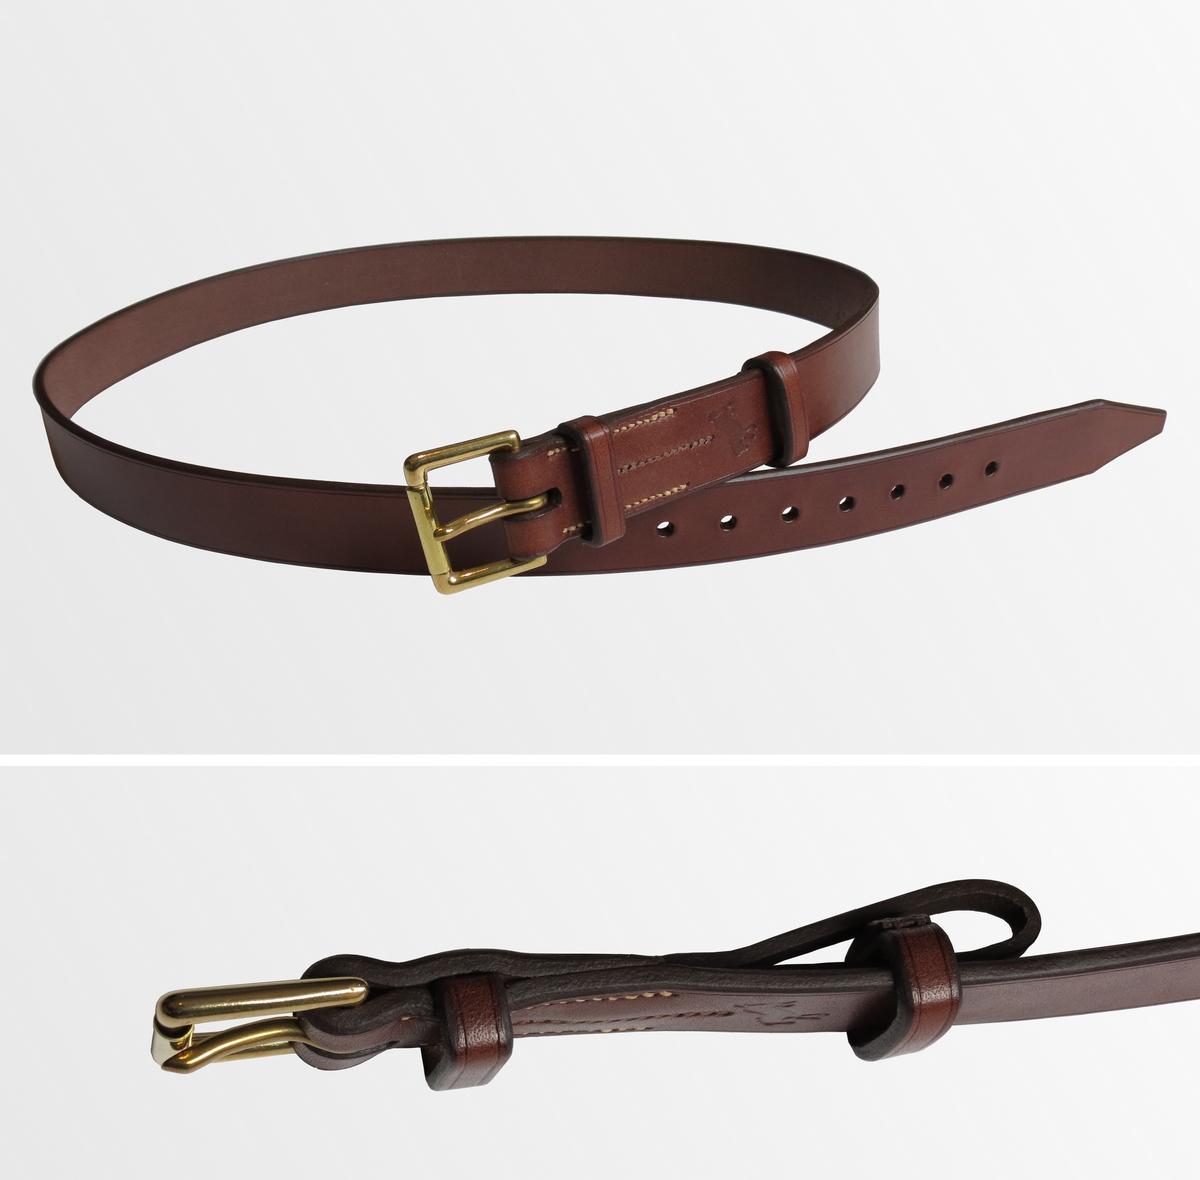 Image d'une ceinture de qualité avec passant à tirette